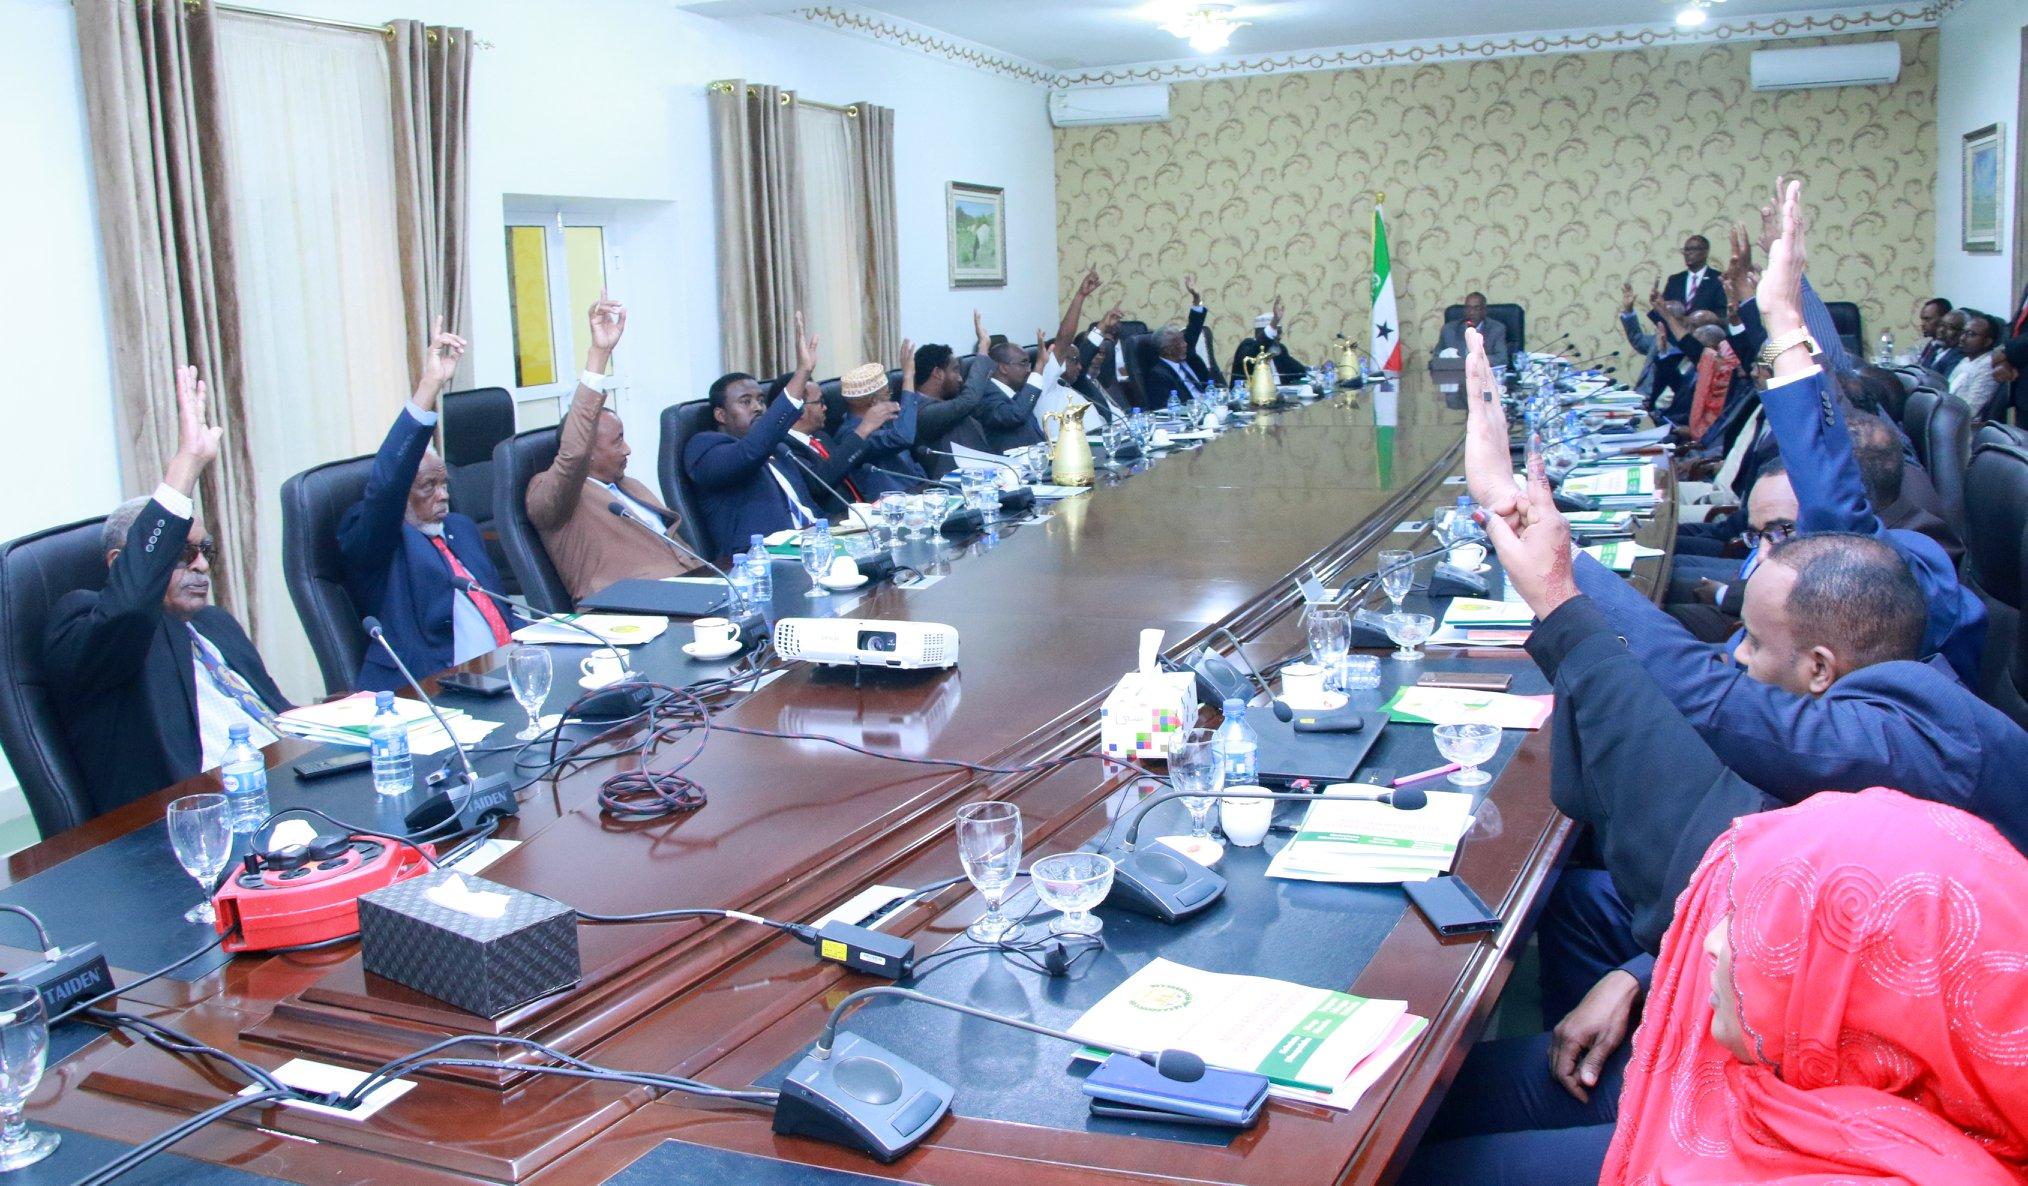 Somaliland: Golaha Wasiirrada Oo Ansixiyey Miisaaniyadda 2020-ka Oo 18% ka Badan Tii 2019